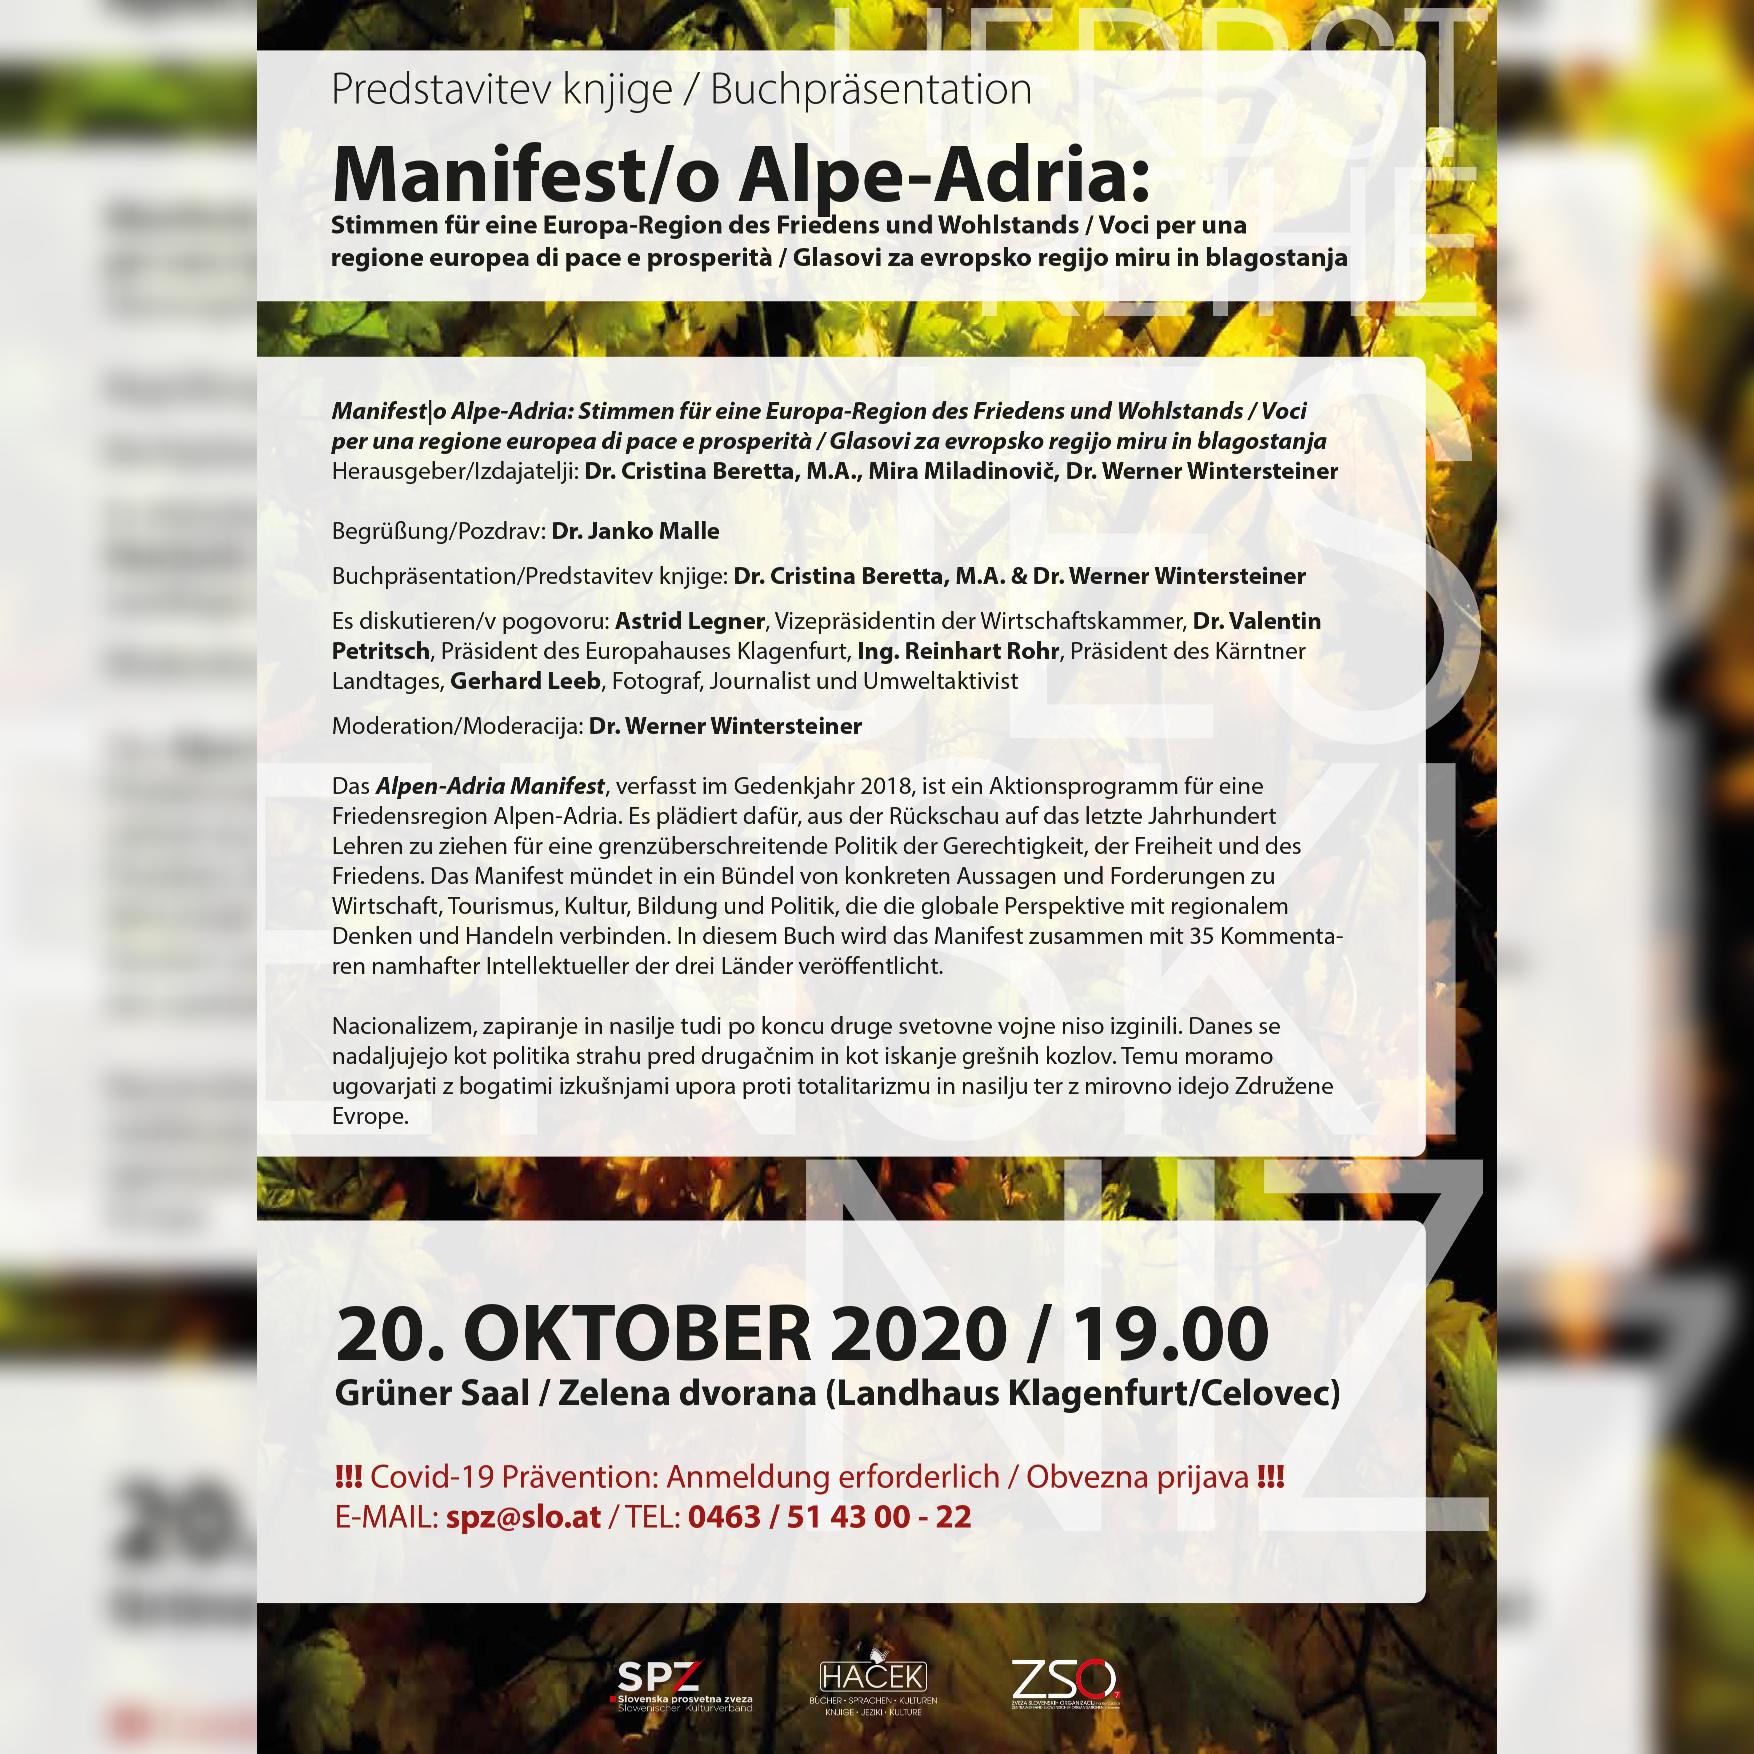 Manifest/o Alpe-Adria